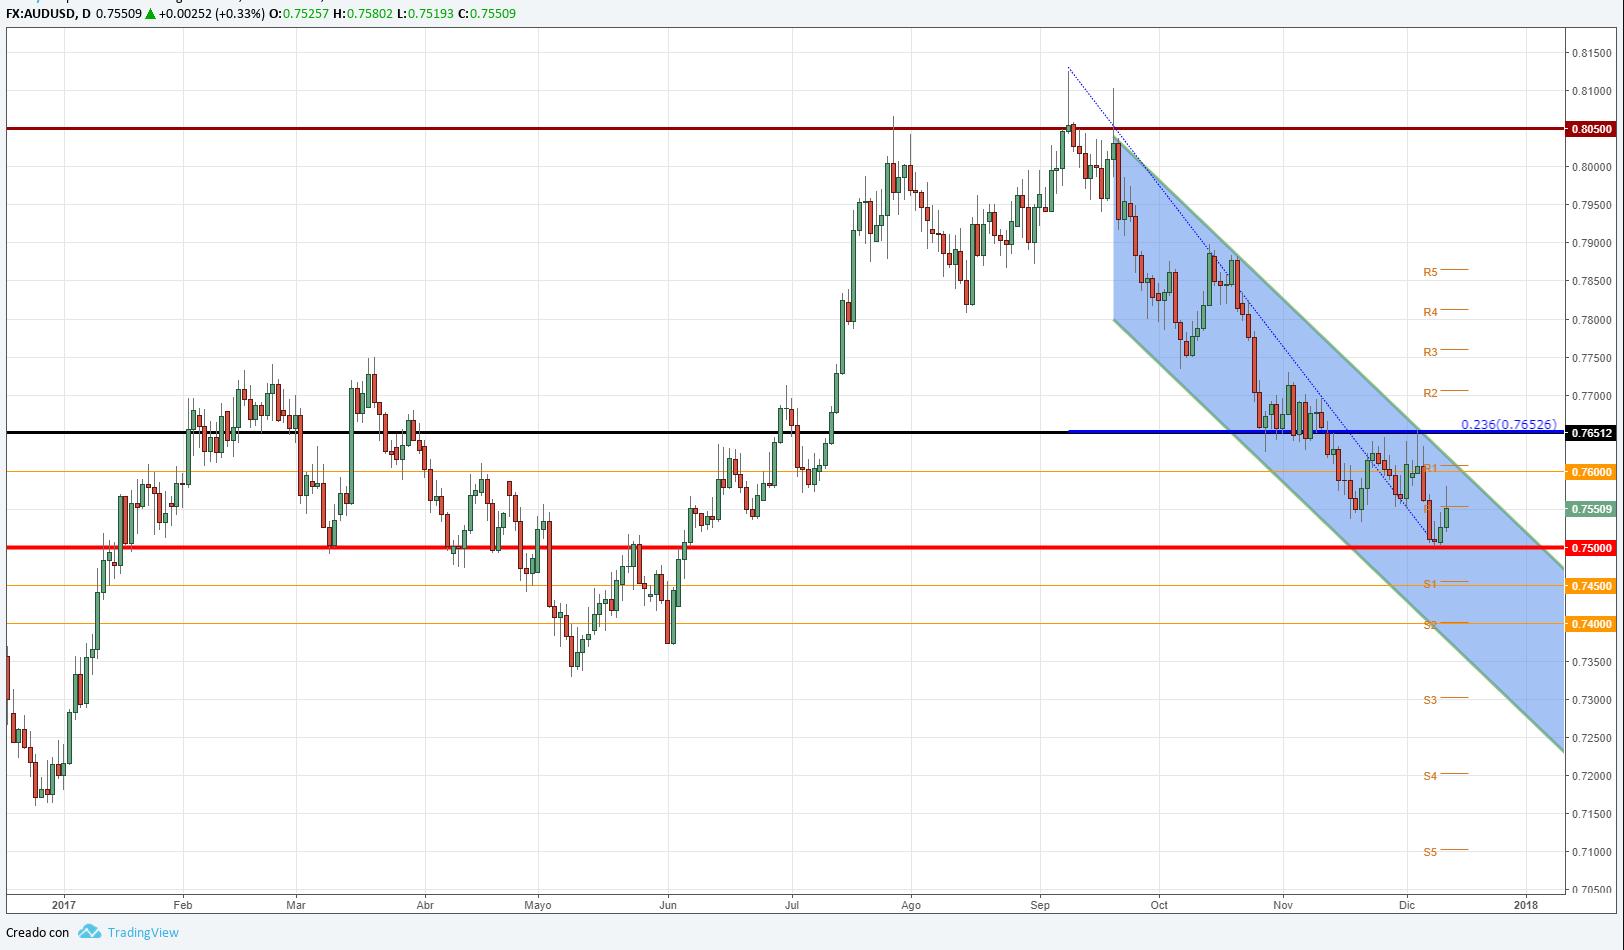 AUD/USD mantiene los 0.7600 previo a la decisión del FOMC.